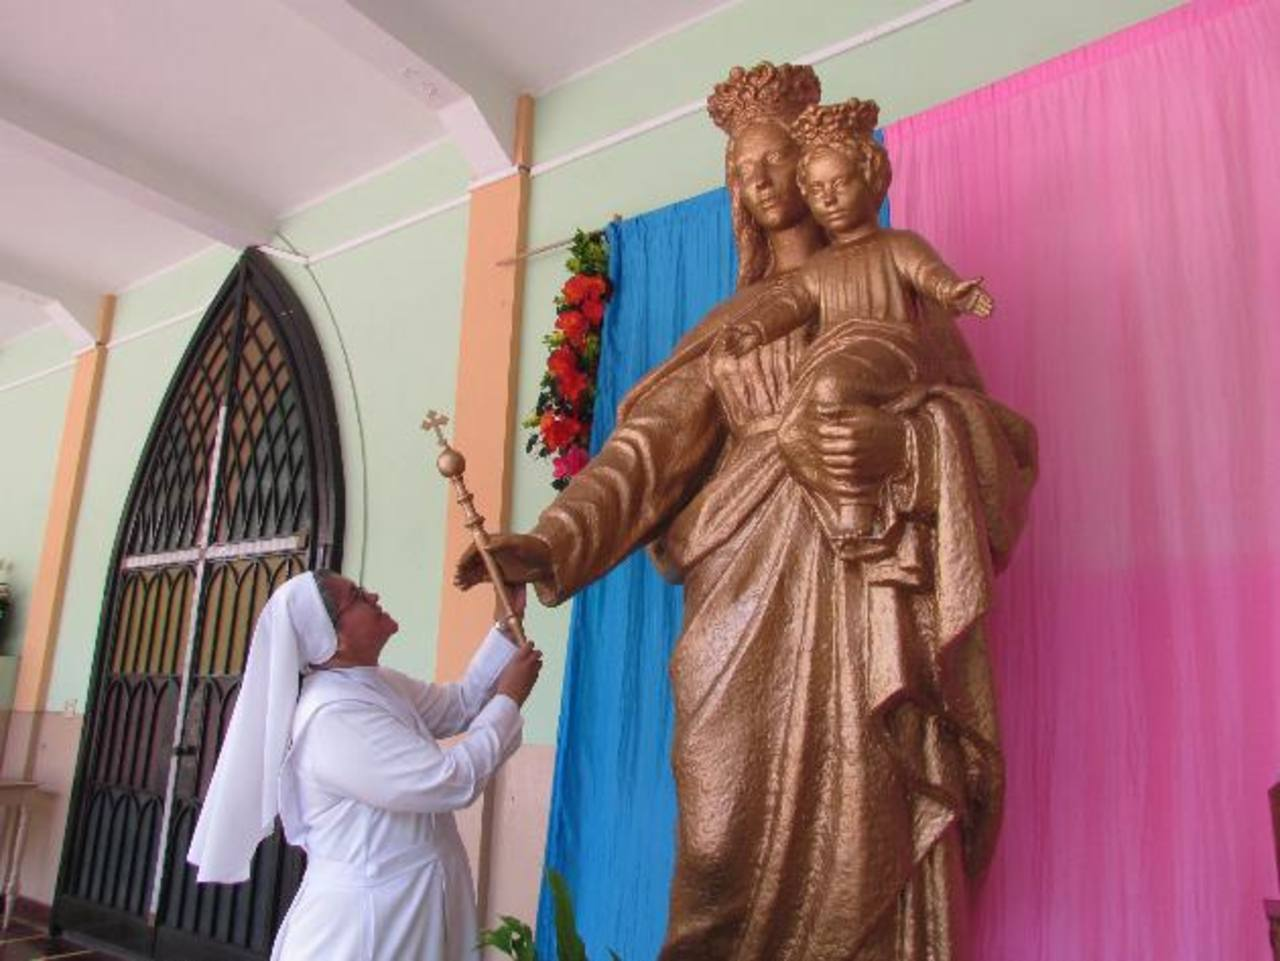 La efigie será colocada nuevamente en la cúspide del instituto que lleva su nombre. Foto EDH / Mauricio Guevara